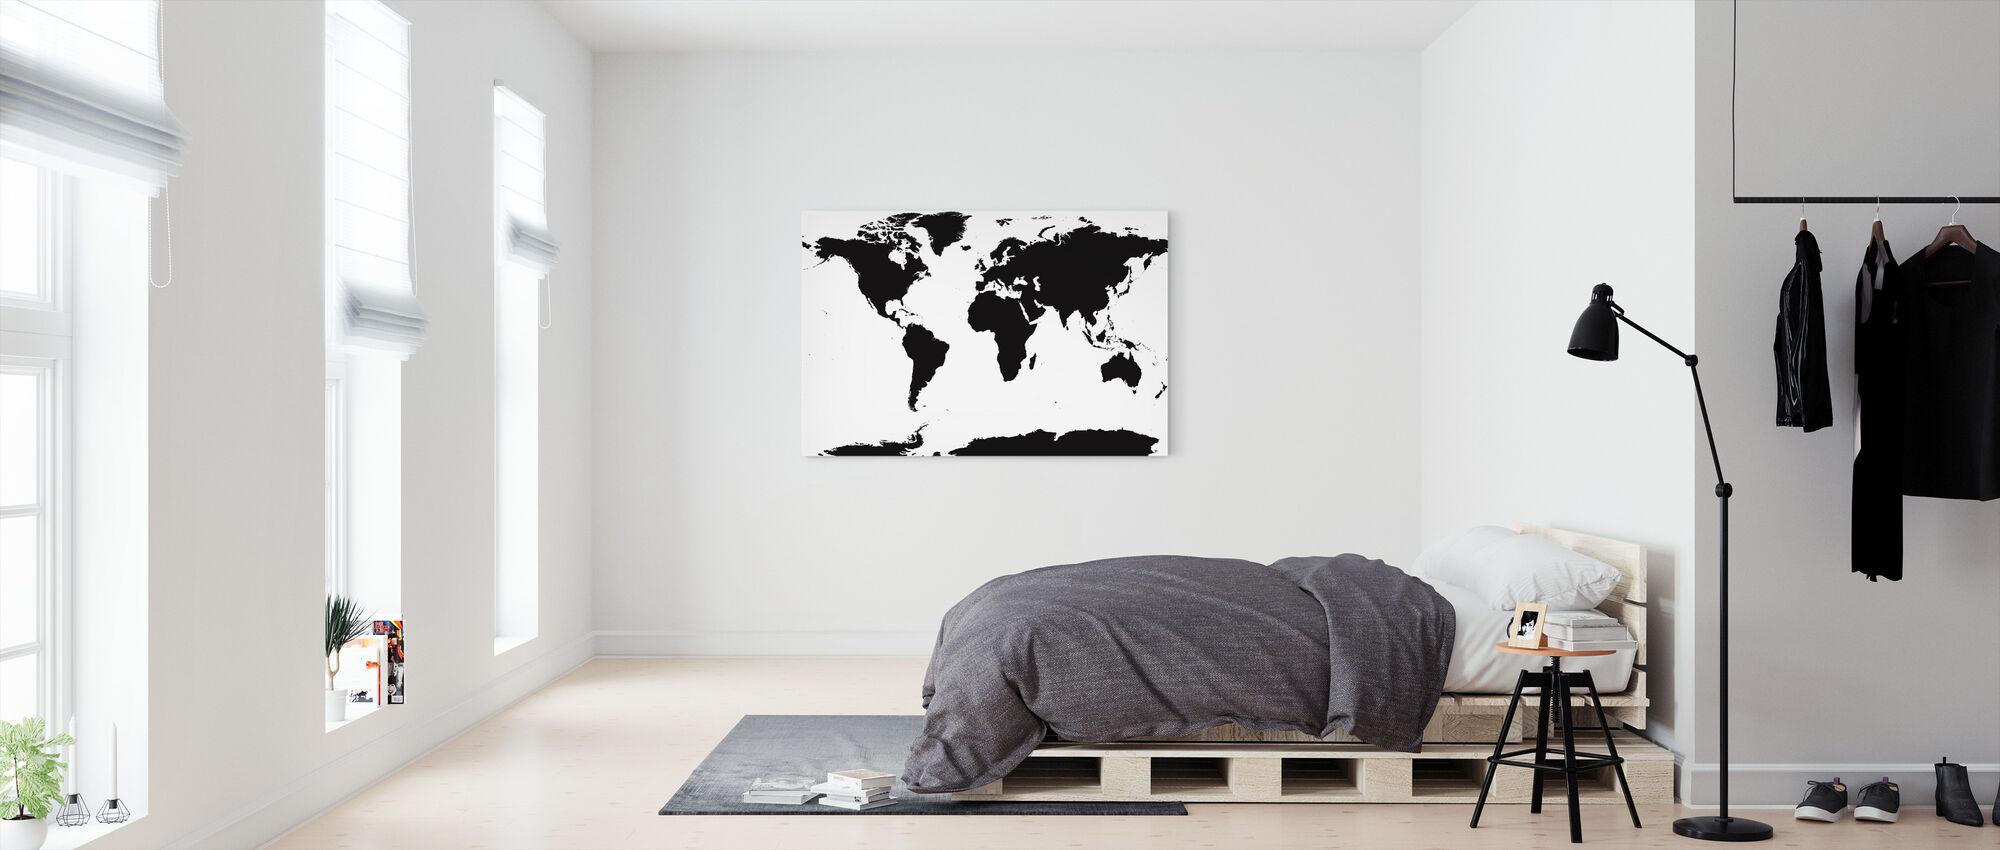 Carte du monde - Impression sur toile - Chambre